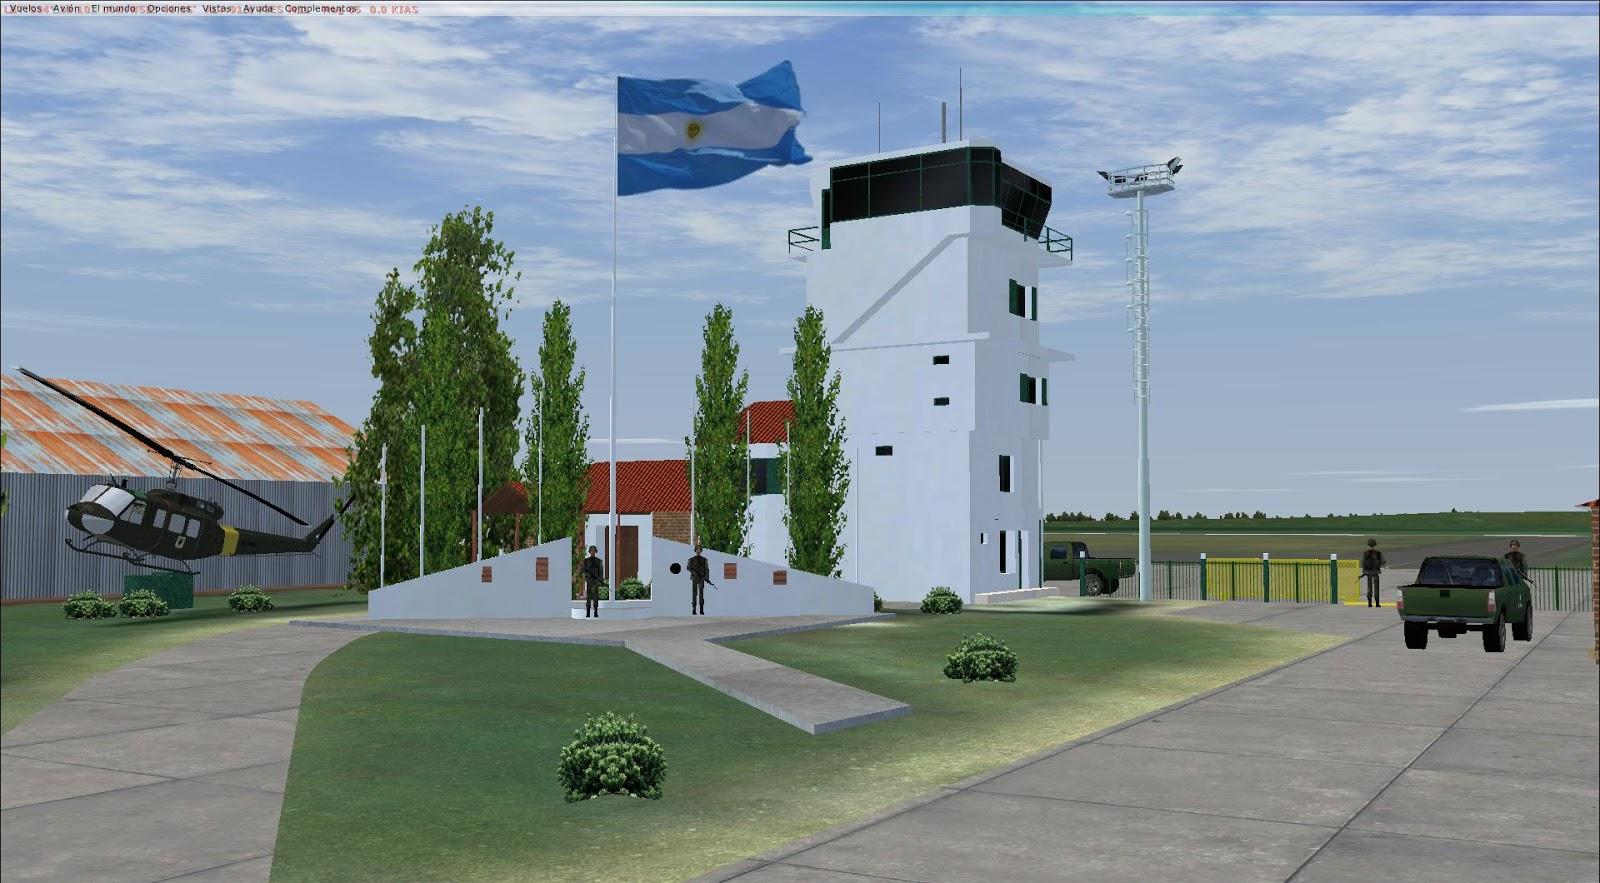 Escenarios y repaints para flight simulator x y 2004 for Puerta 7 campo de mayo